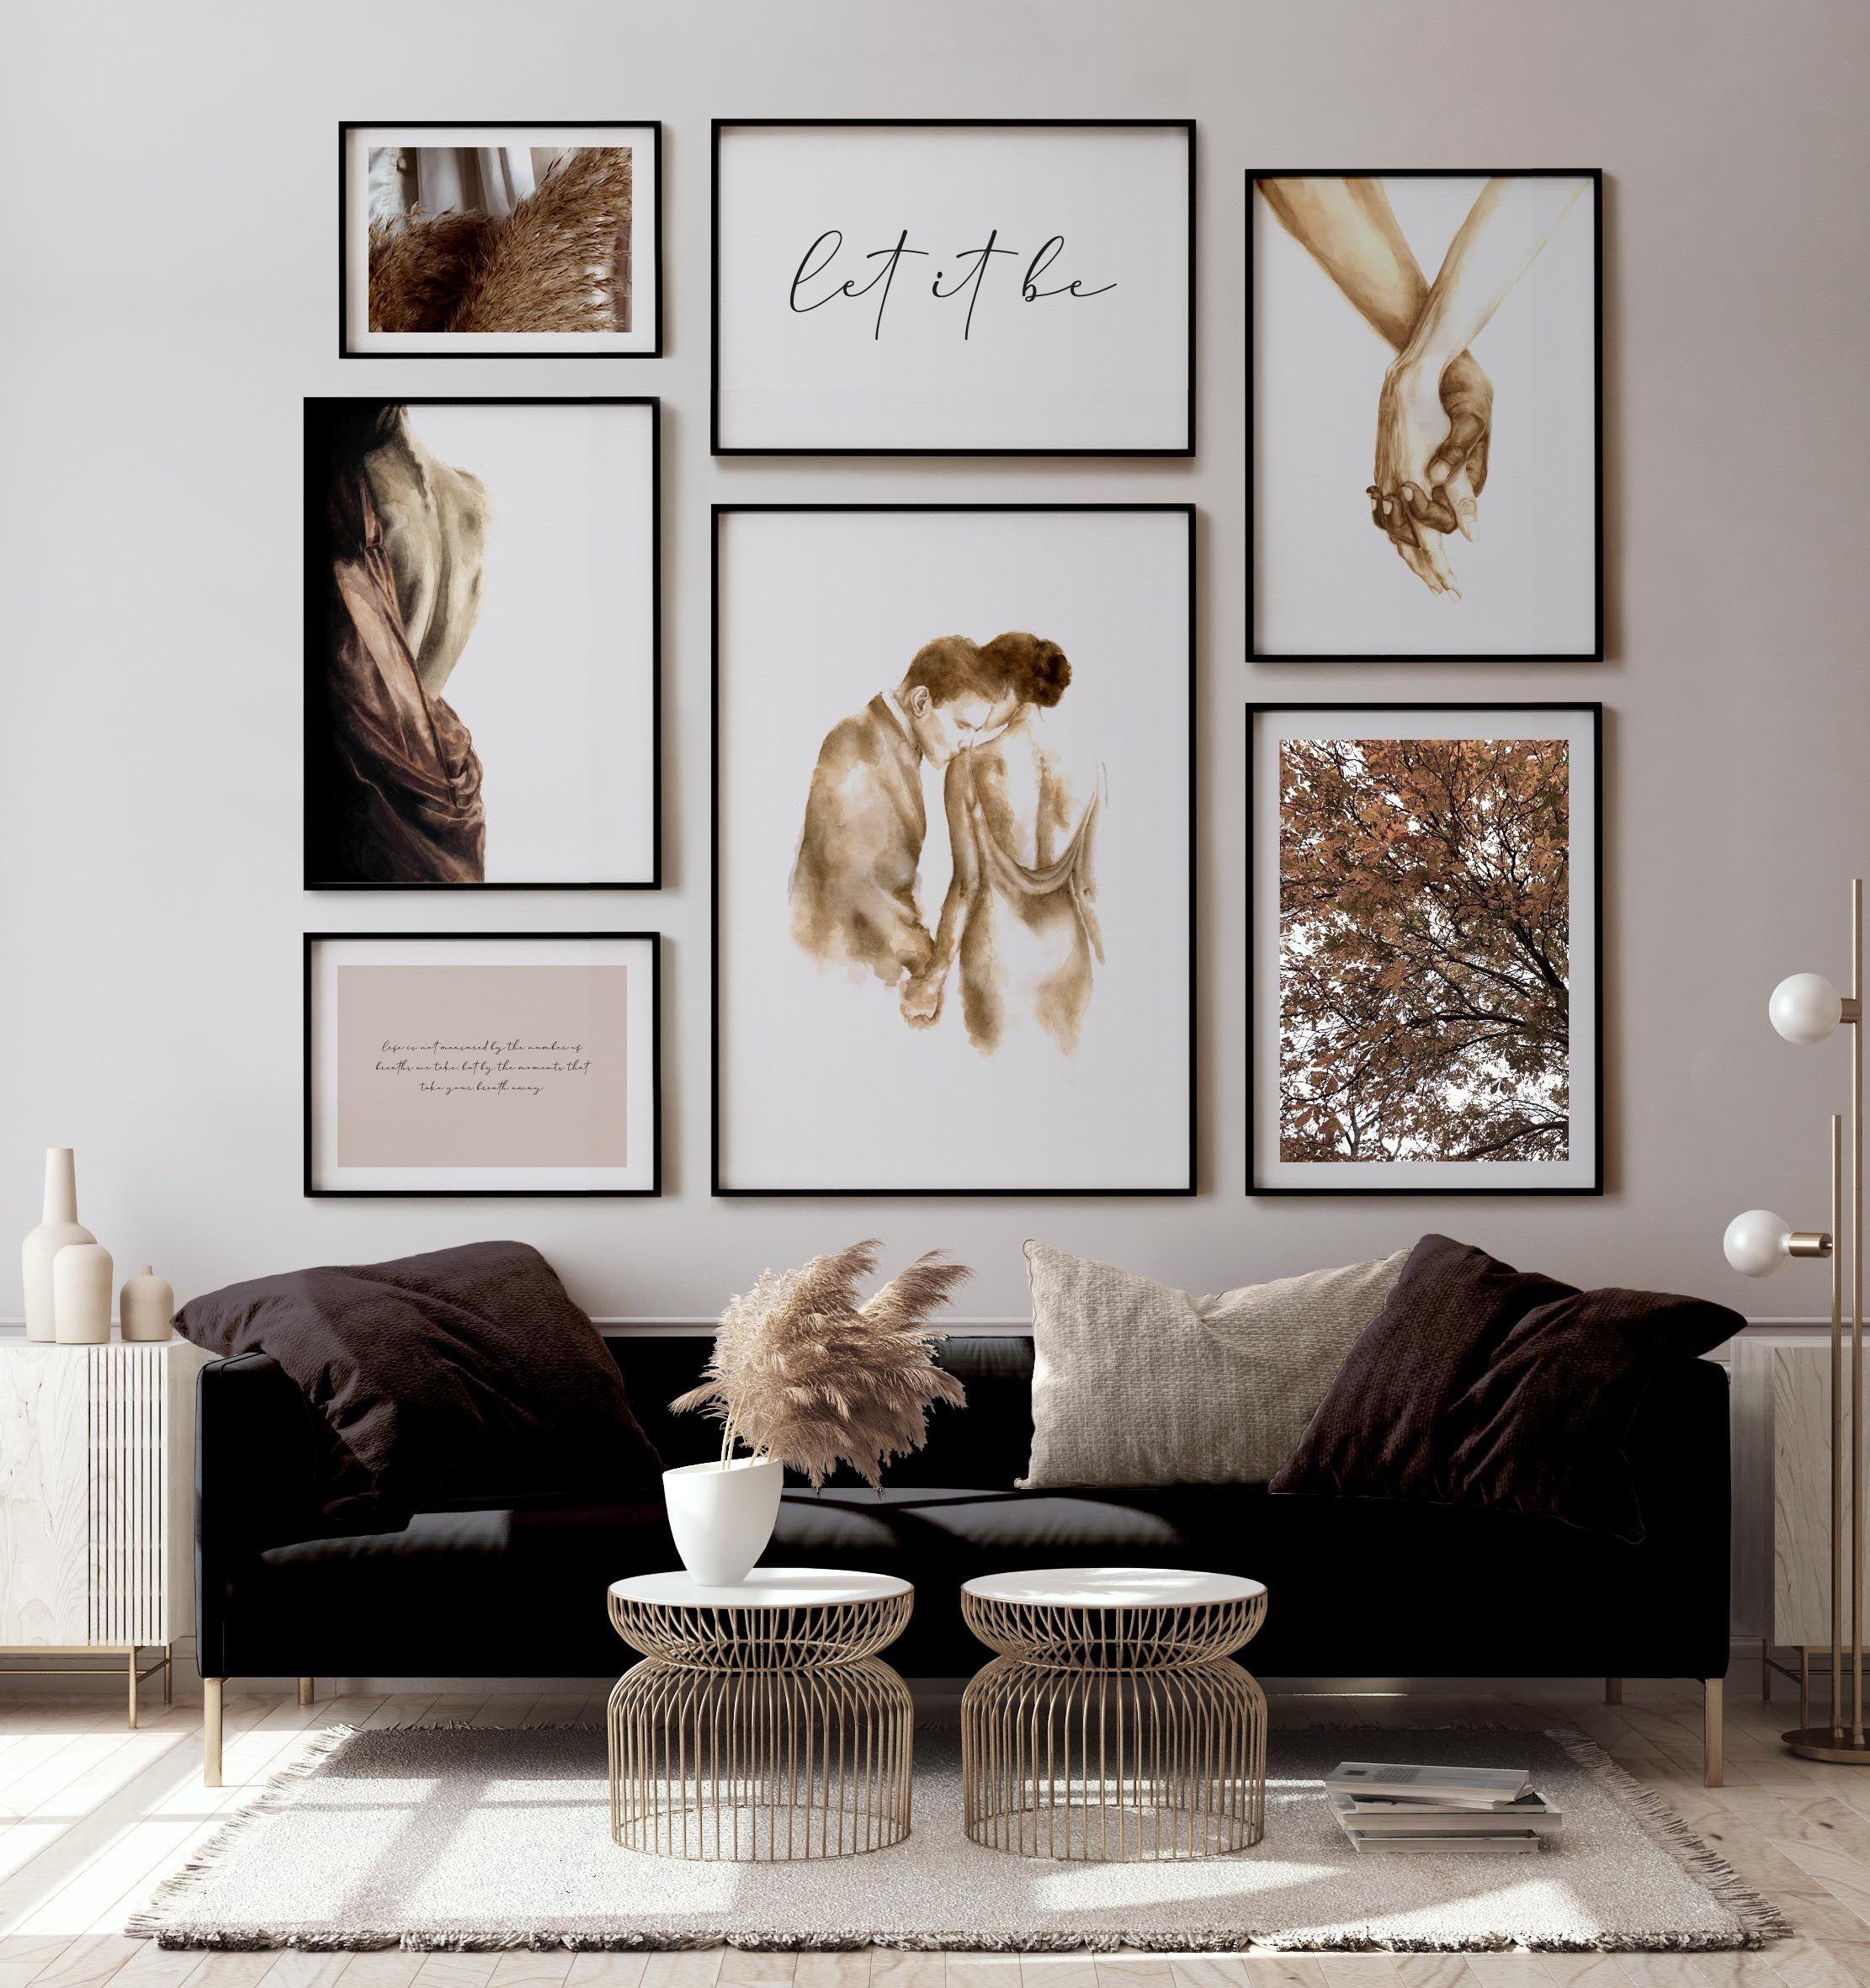 Pin On Minimalist Interior Design Art